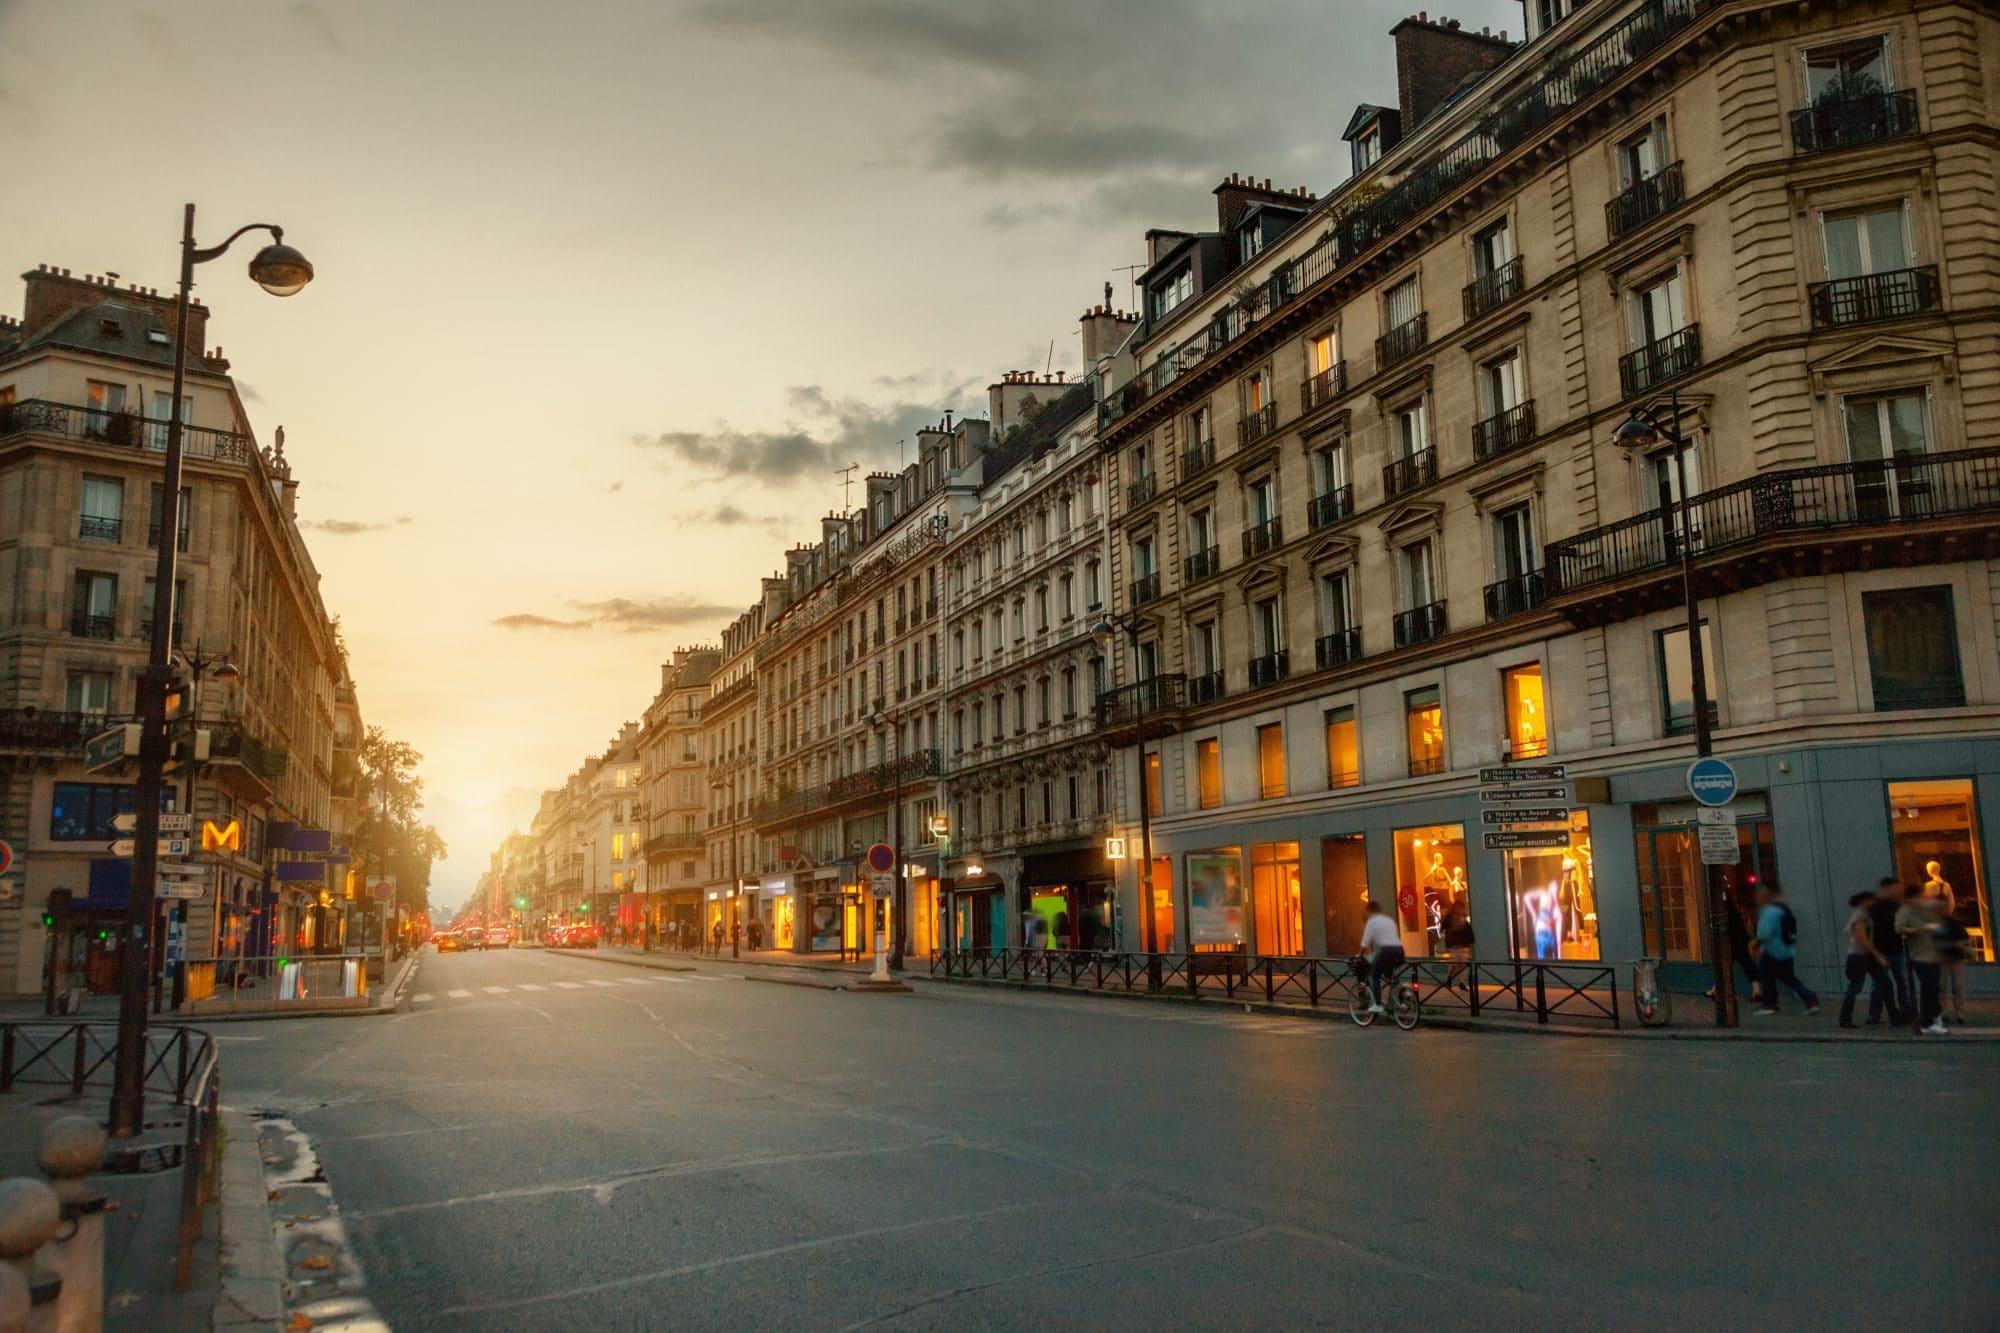 Visuel d'une rue parisienne au coucher du soleil